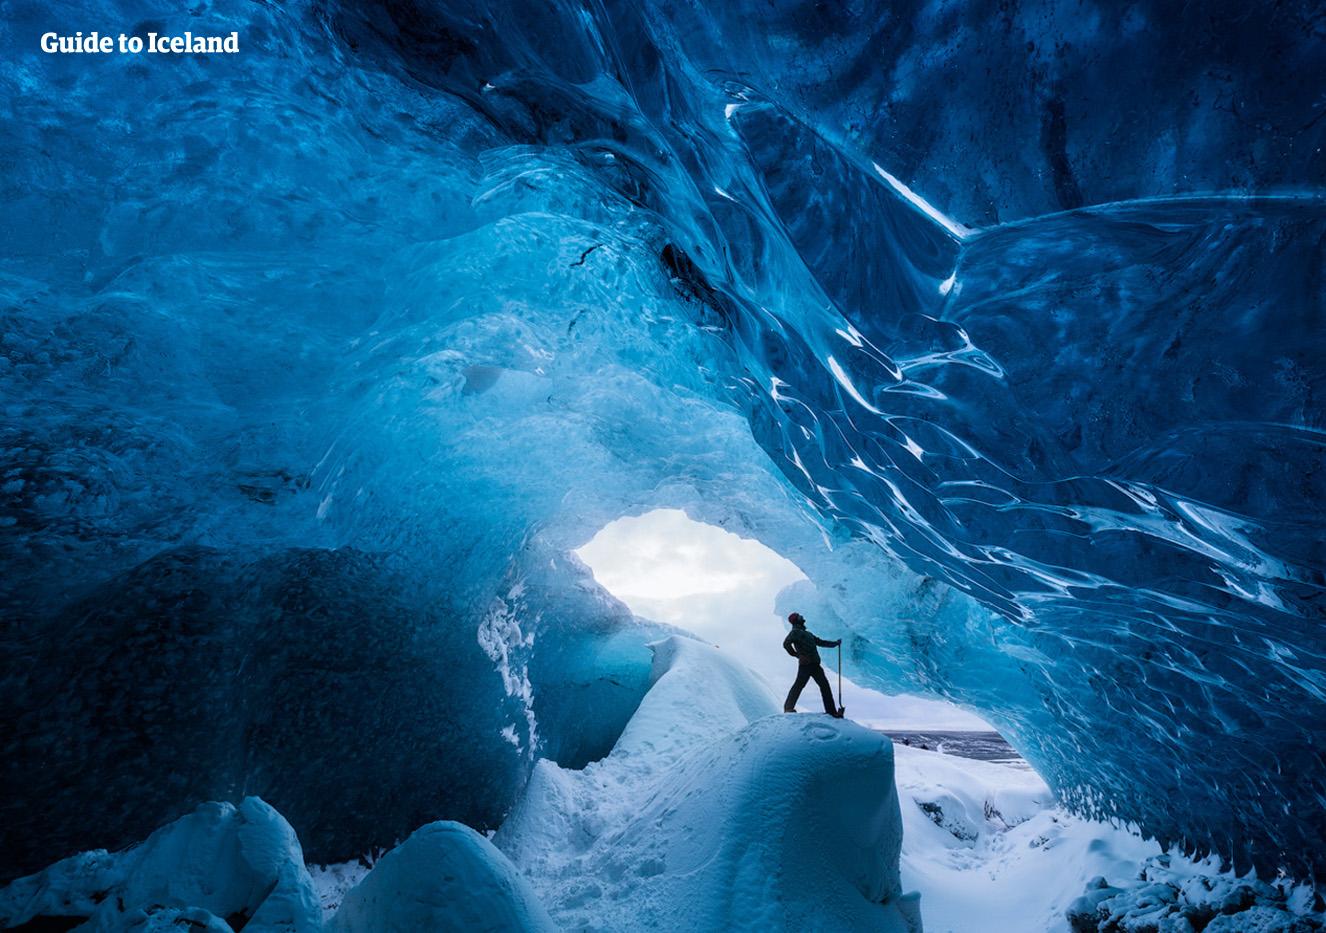 氷の洞窟探検はアイスランド観光のハイライト、参加した人にとっては忘れられない体験になるだろう